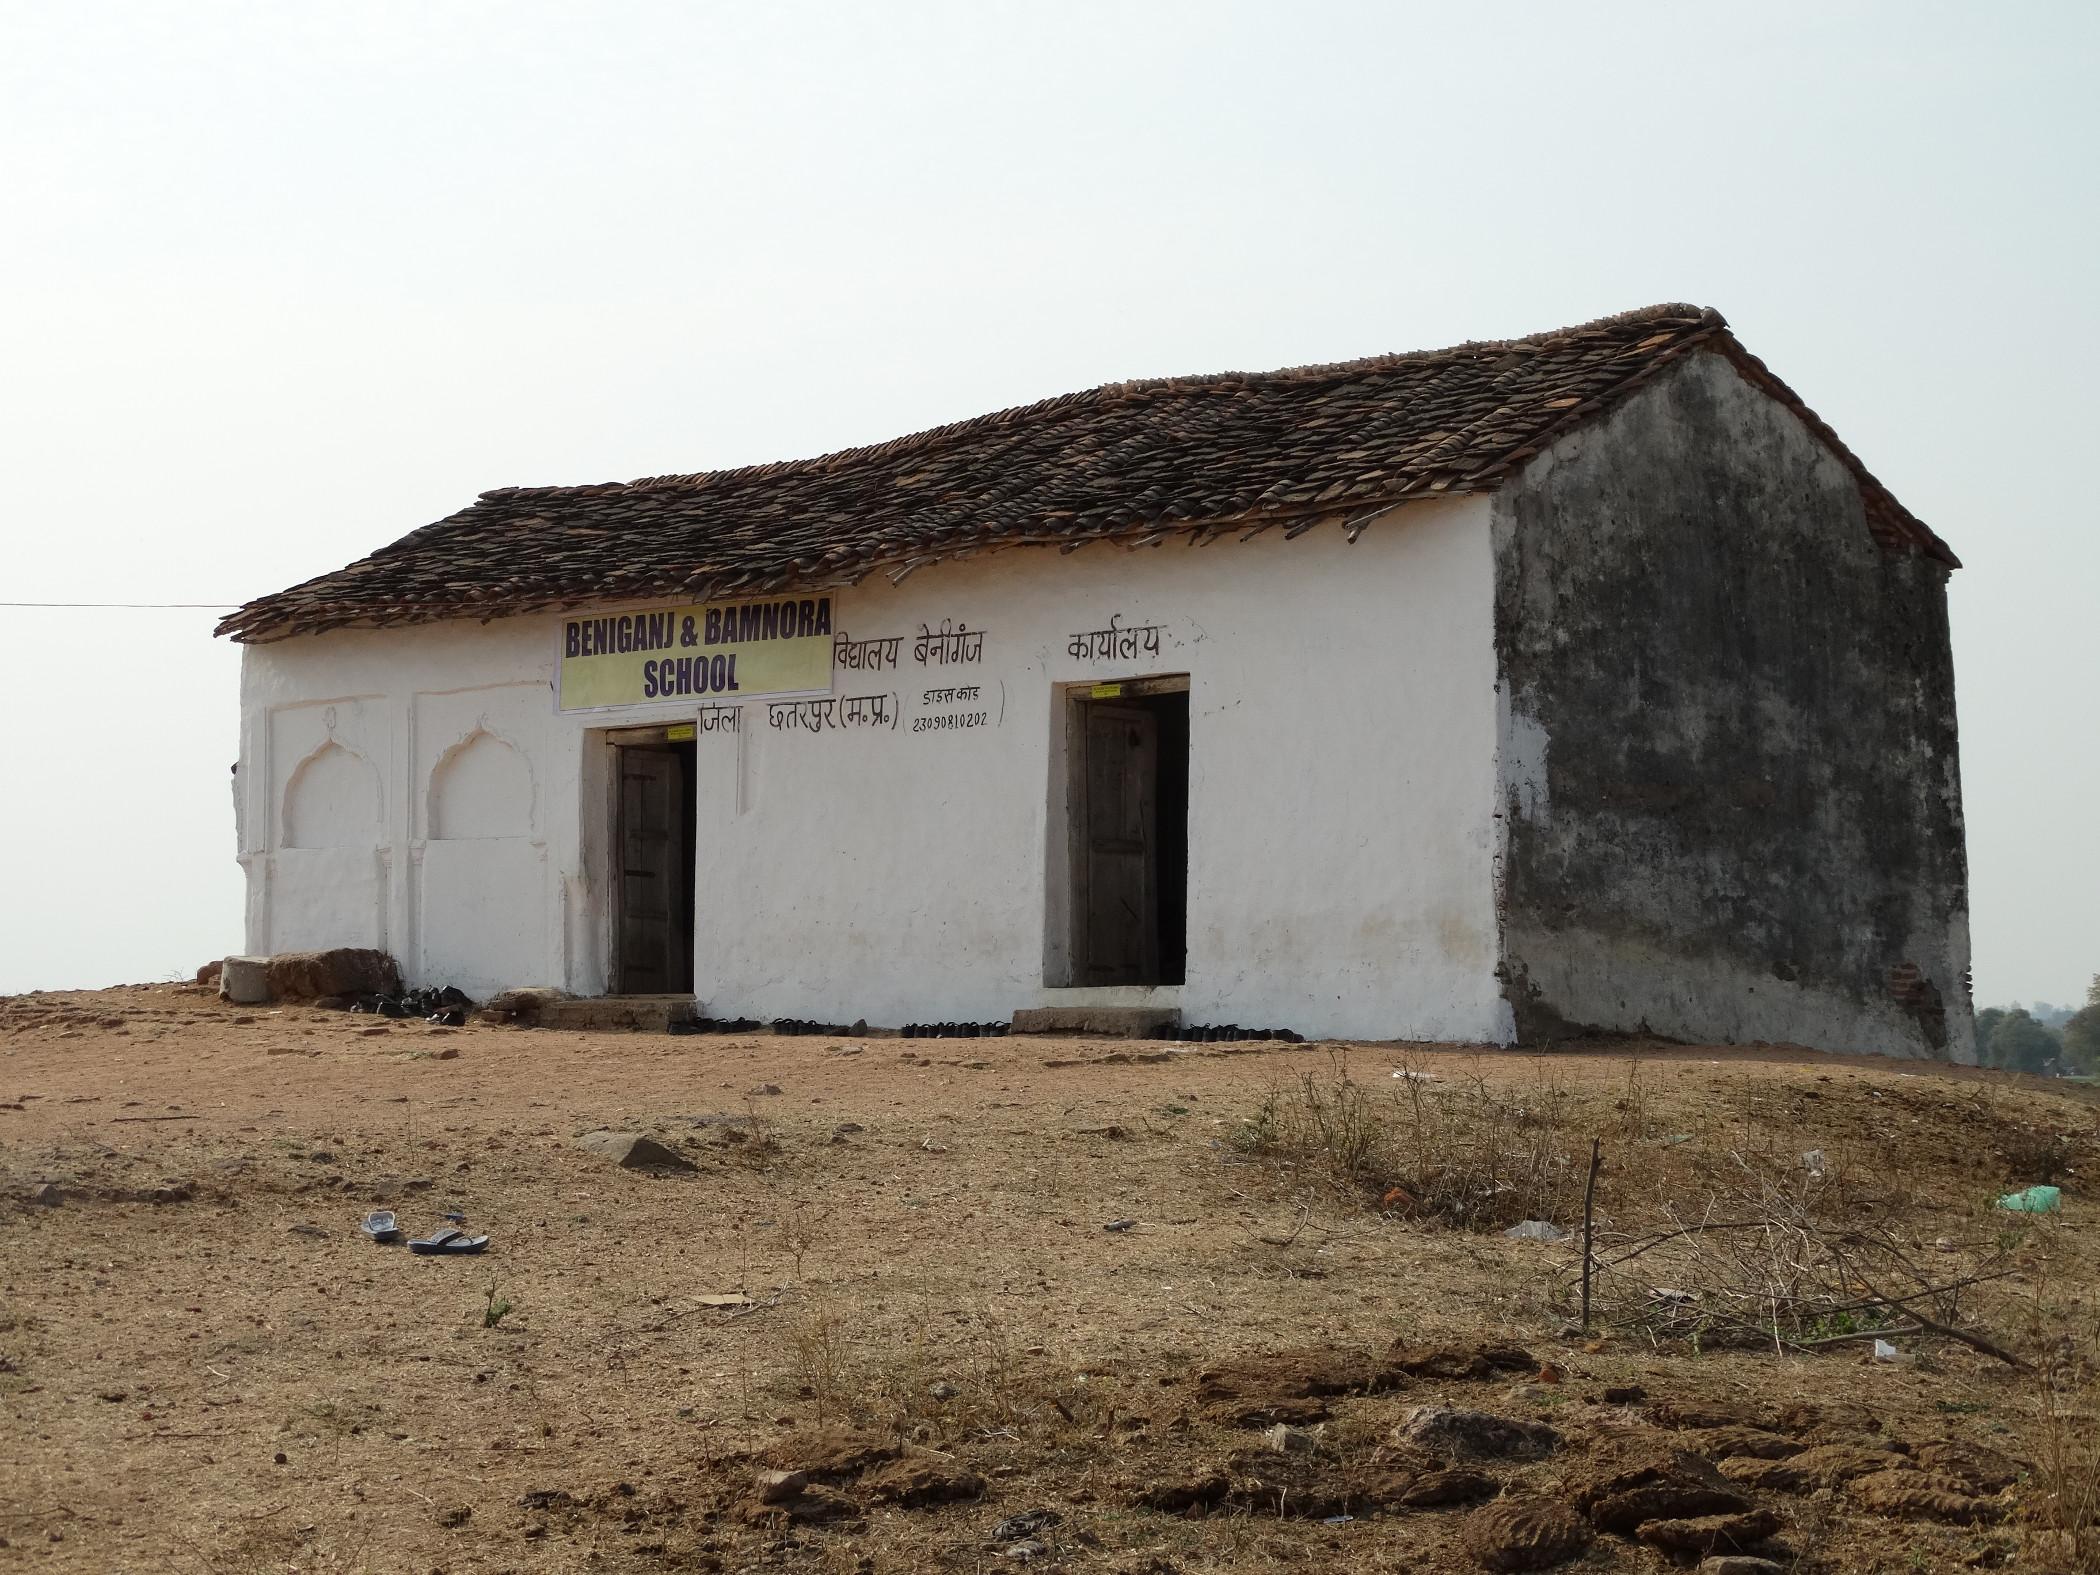 In de nieuwe dependance in Beniganj gaan nu 50 kinderen naar school